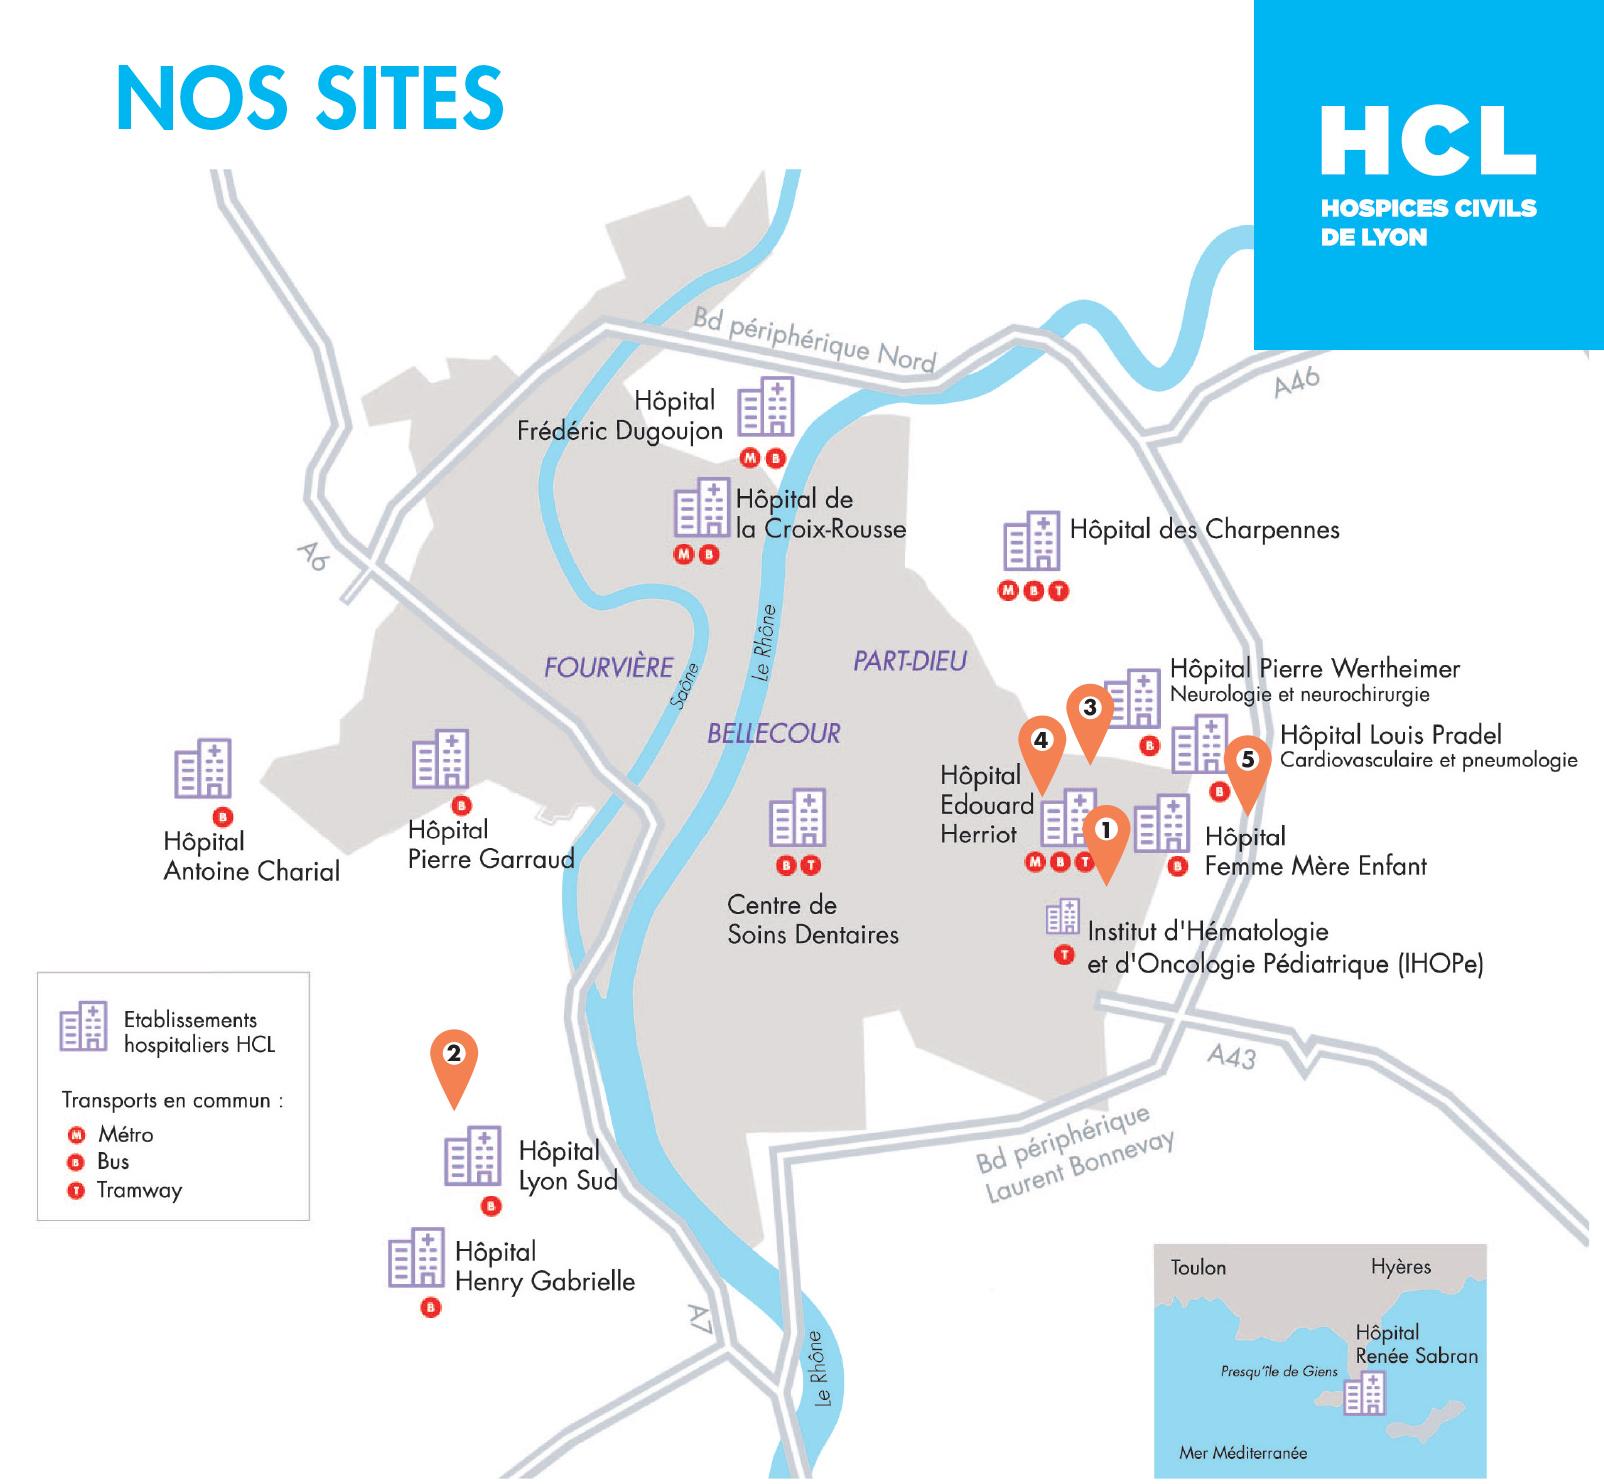 Les sites de formation des Hospices Civils de Lyon